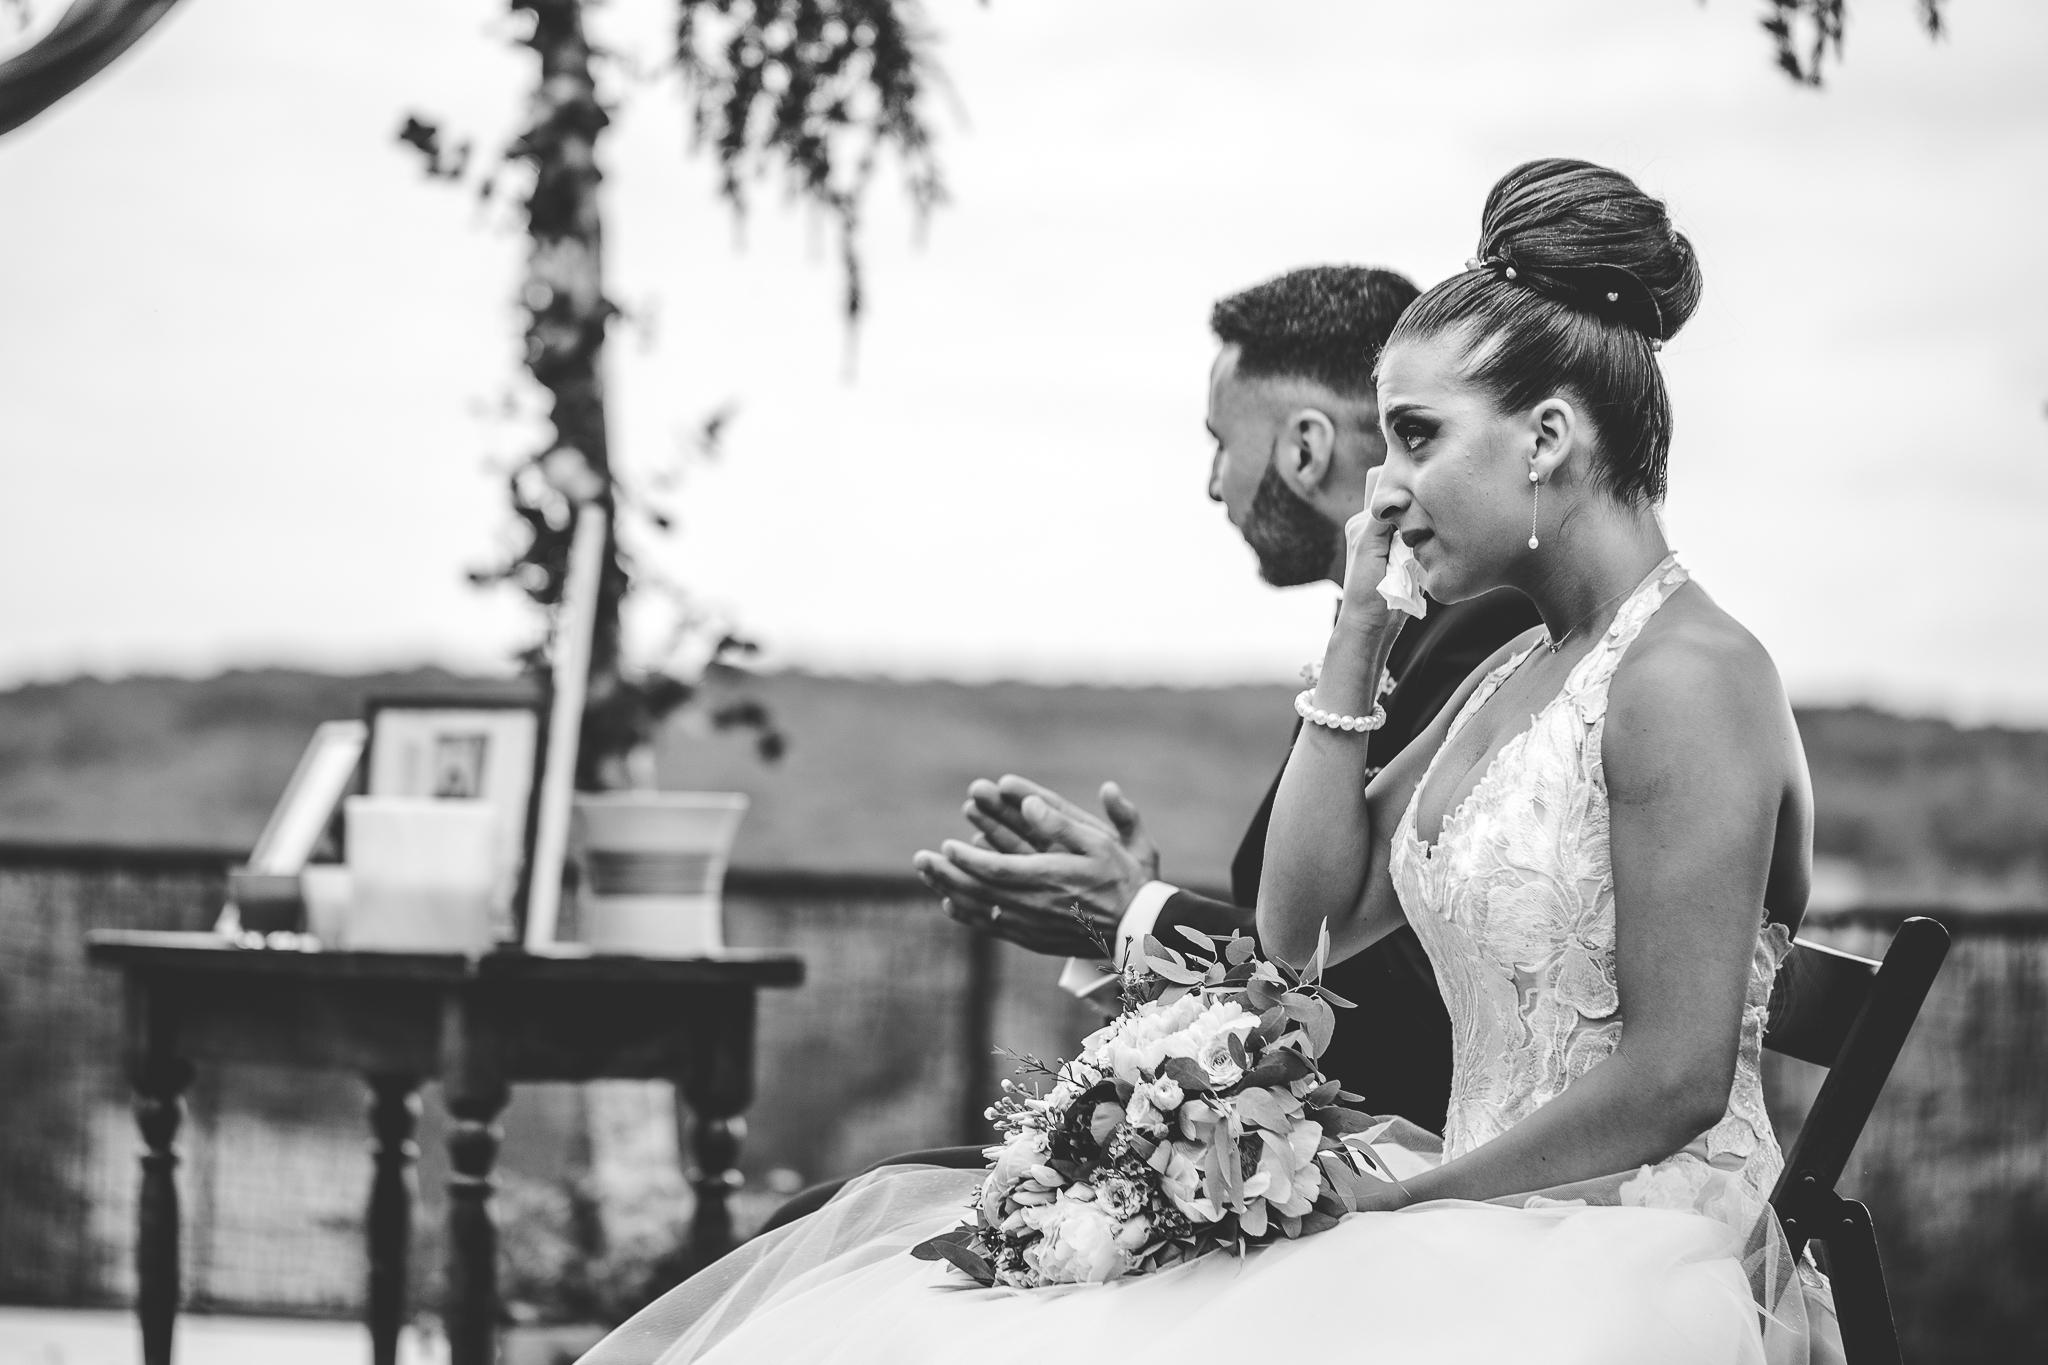 reportage mariage photo ceremonie laique exterieur emotions pleurs emotions chateau mons gers